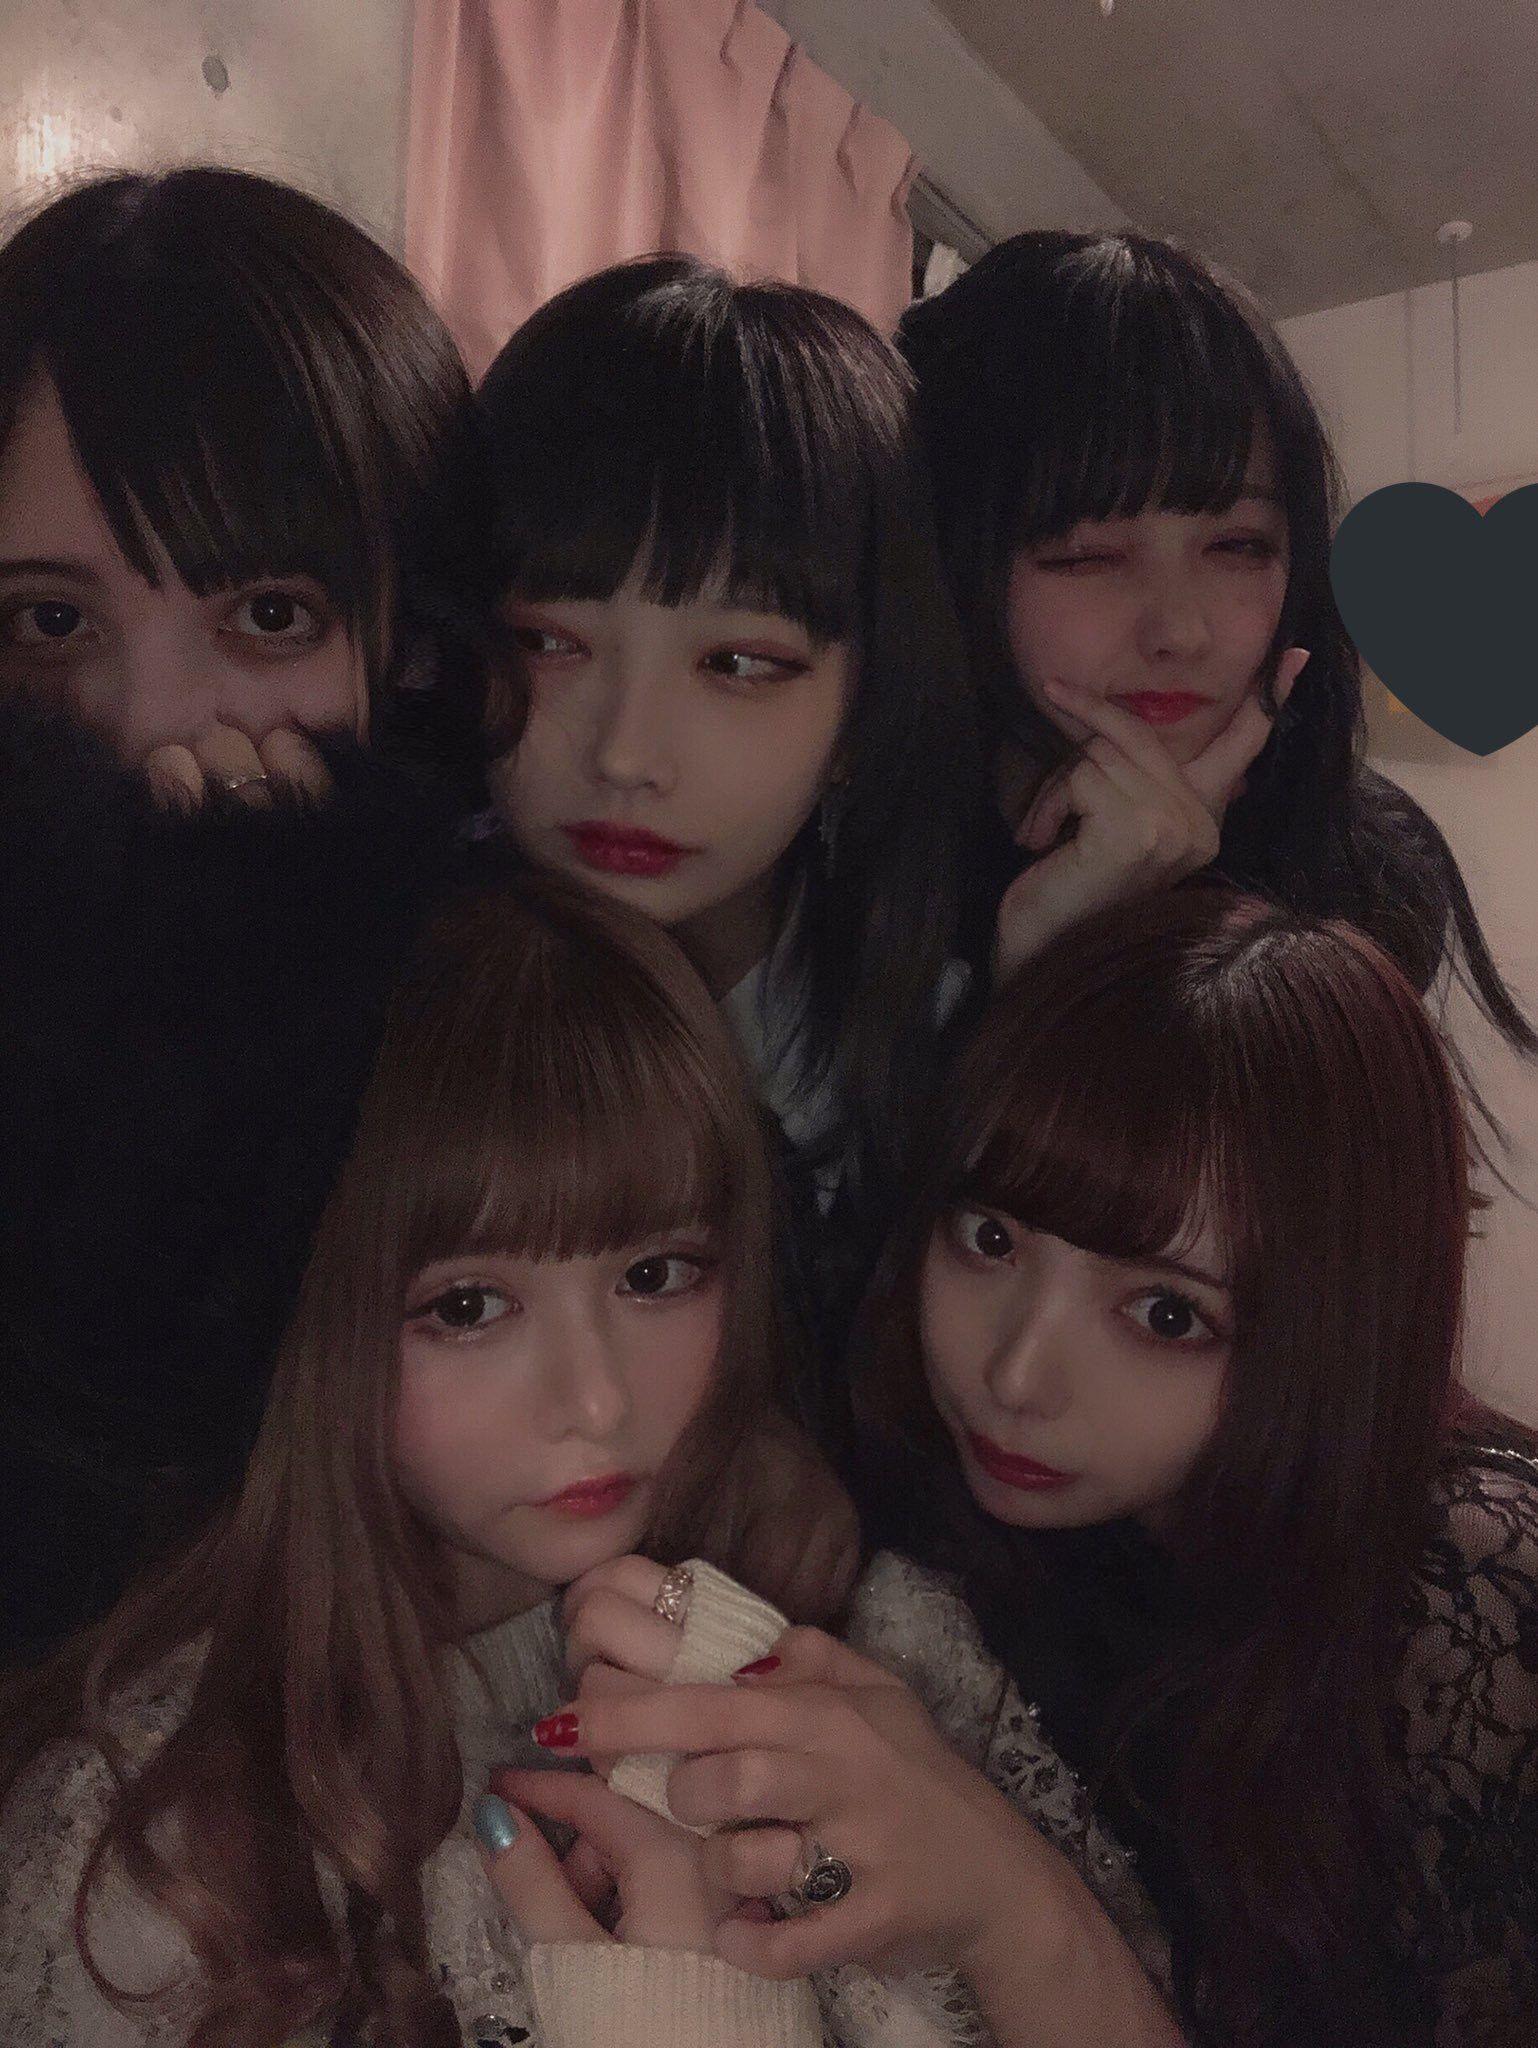 【32件】かてぃさん|おすすめの画像【2020】 | 香椎, 女の子